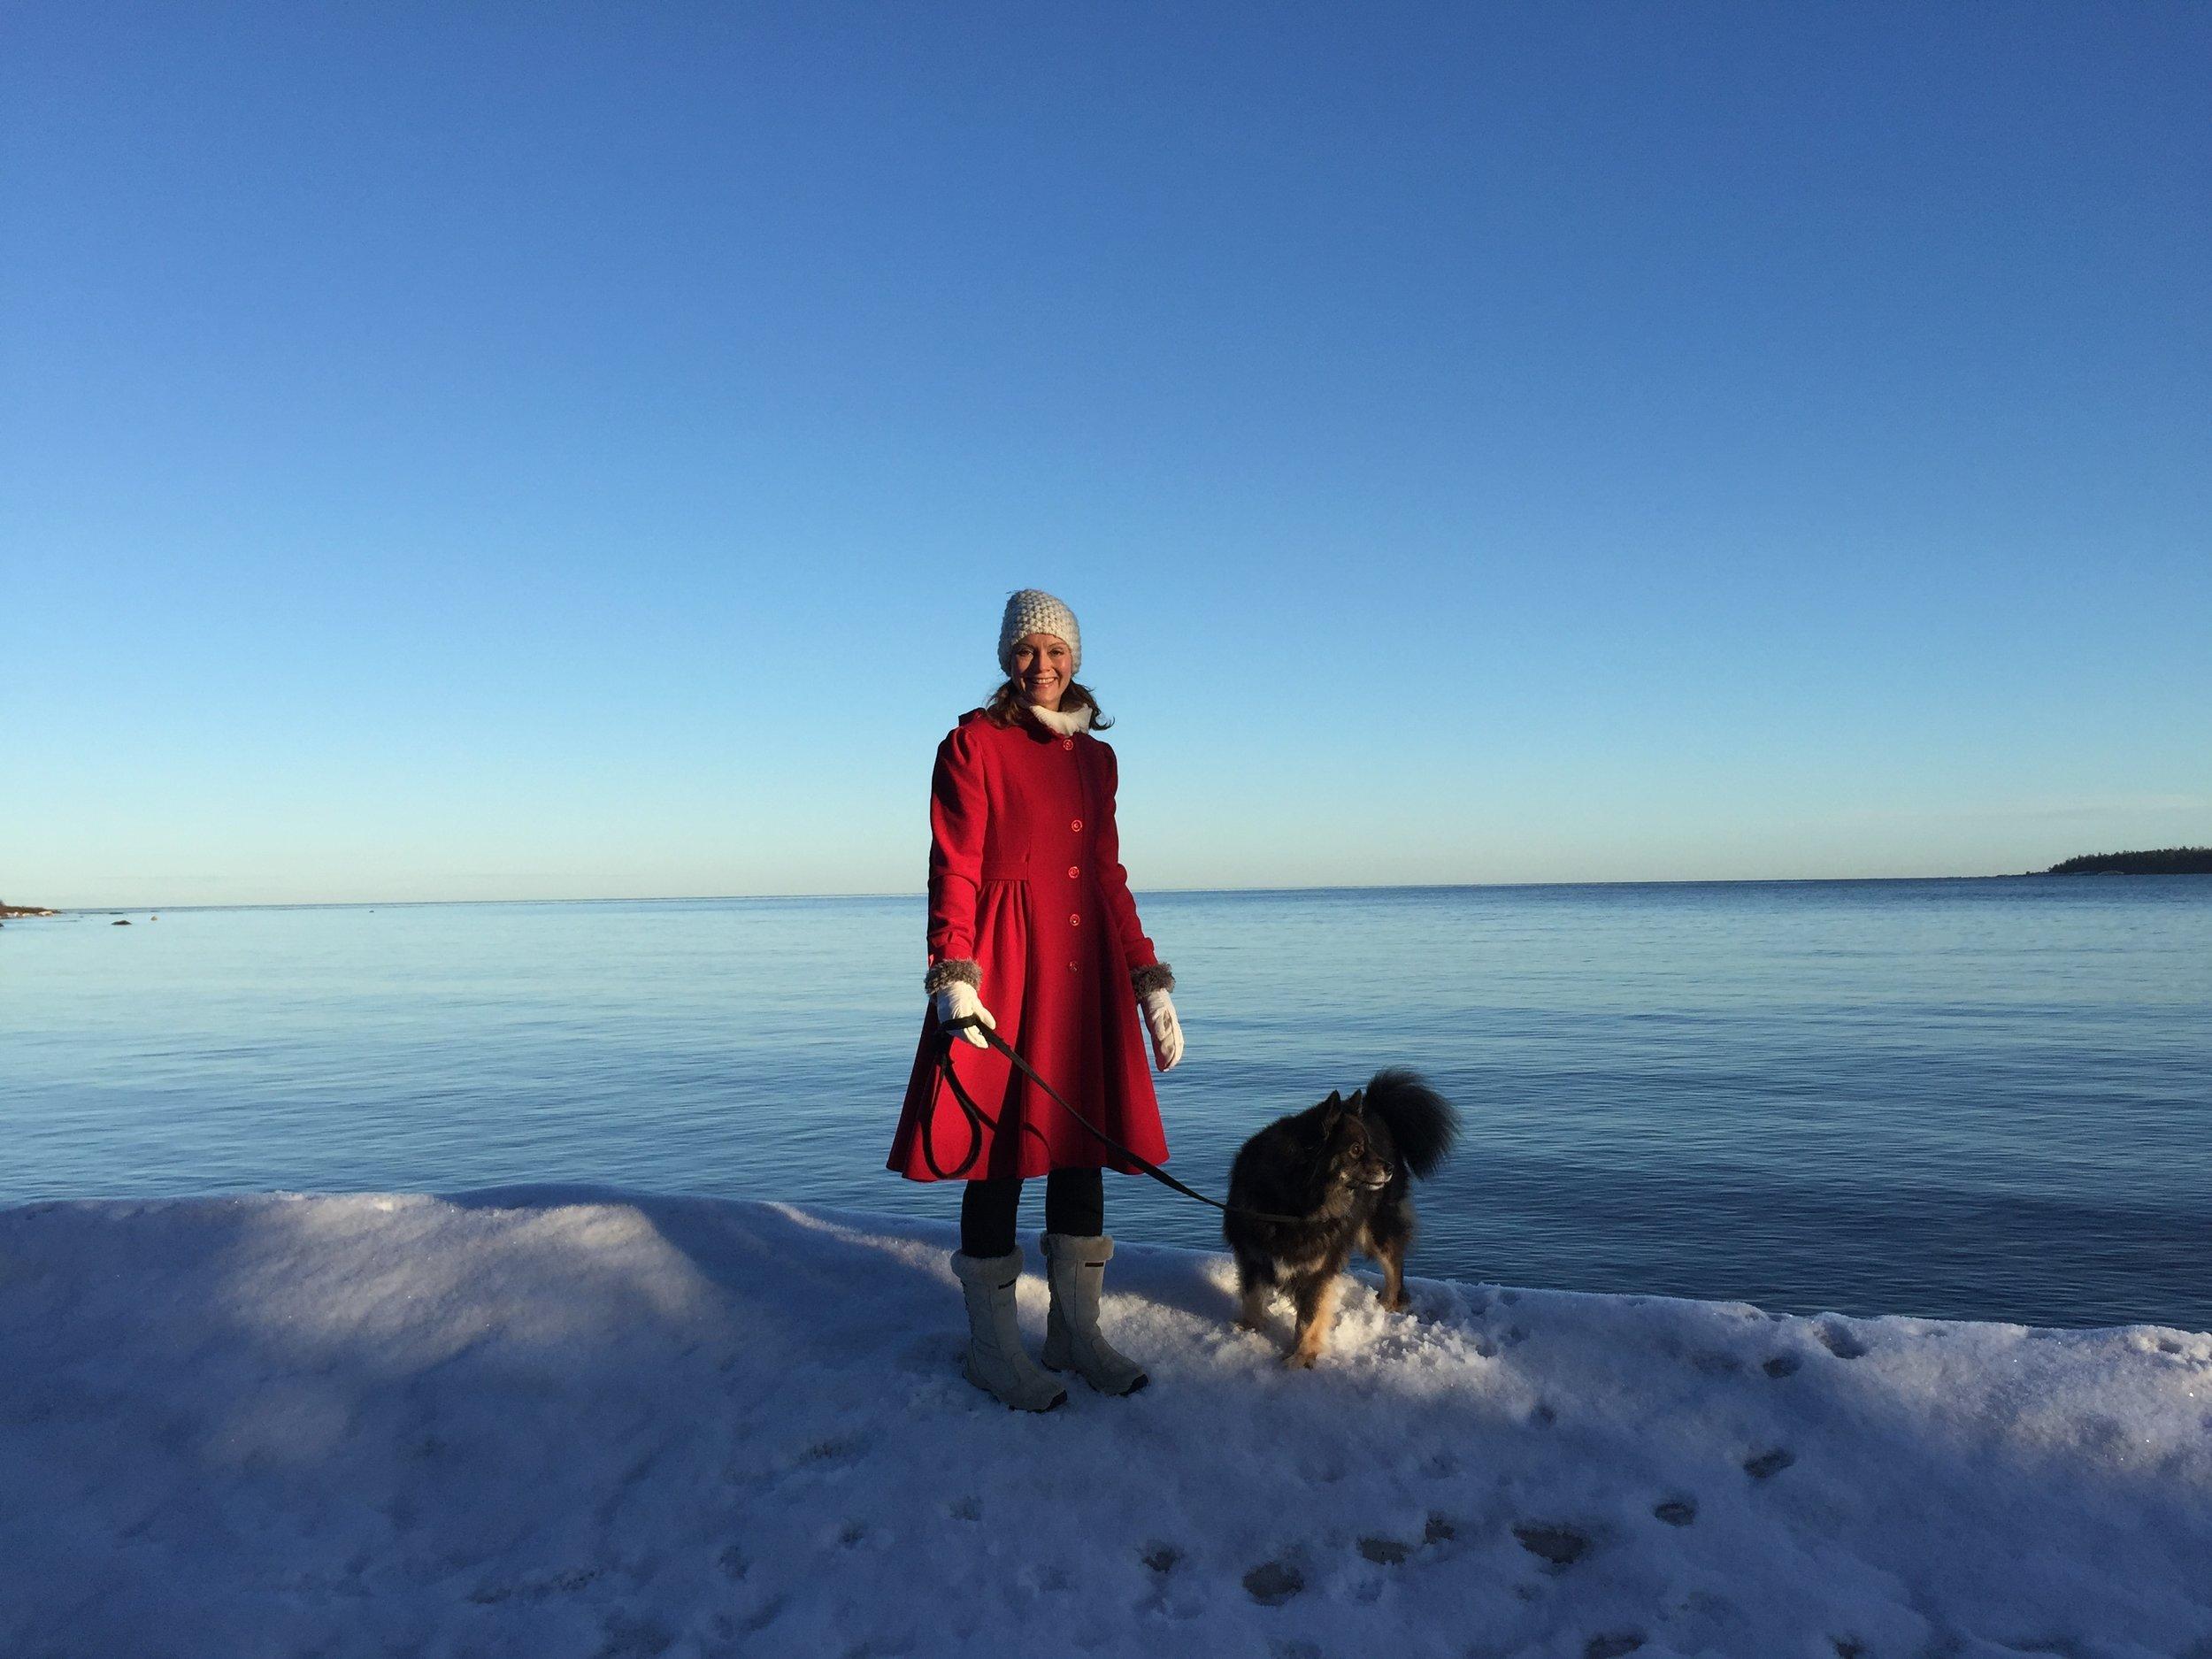 GÅGÅ GÅ Promenera med fri horisont vid havet. Ni kör cirka 10 minuter från Susannas och parkerar vid Billuddens naturreservatet. SÅ fint!